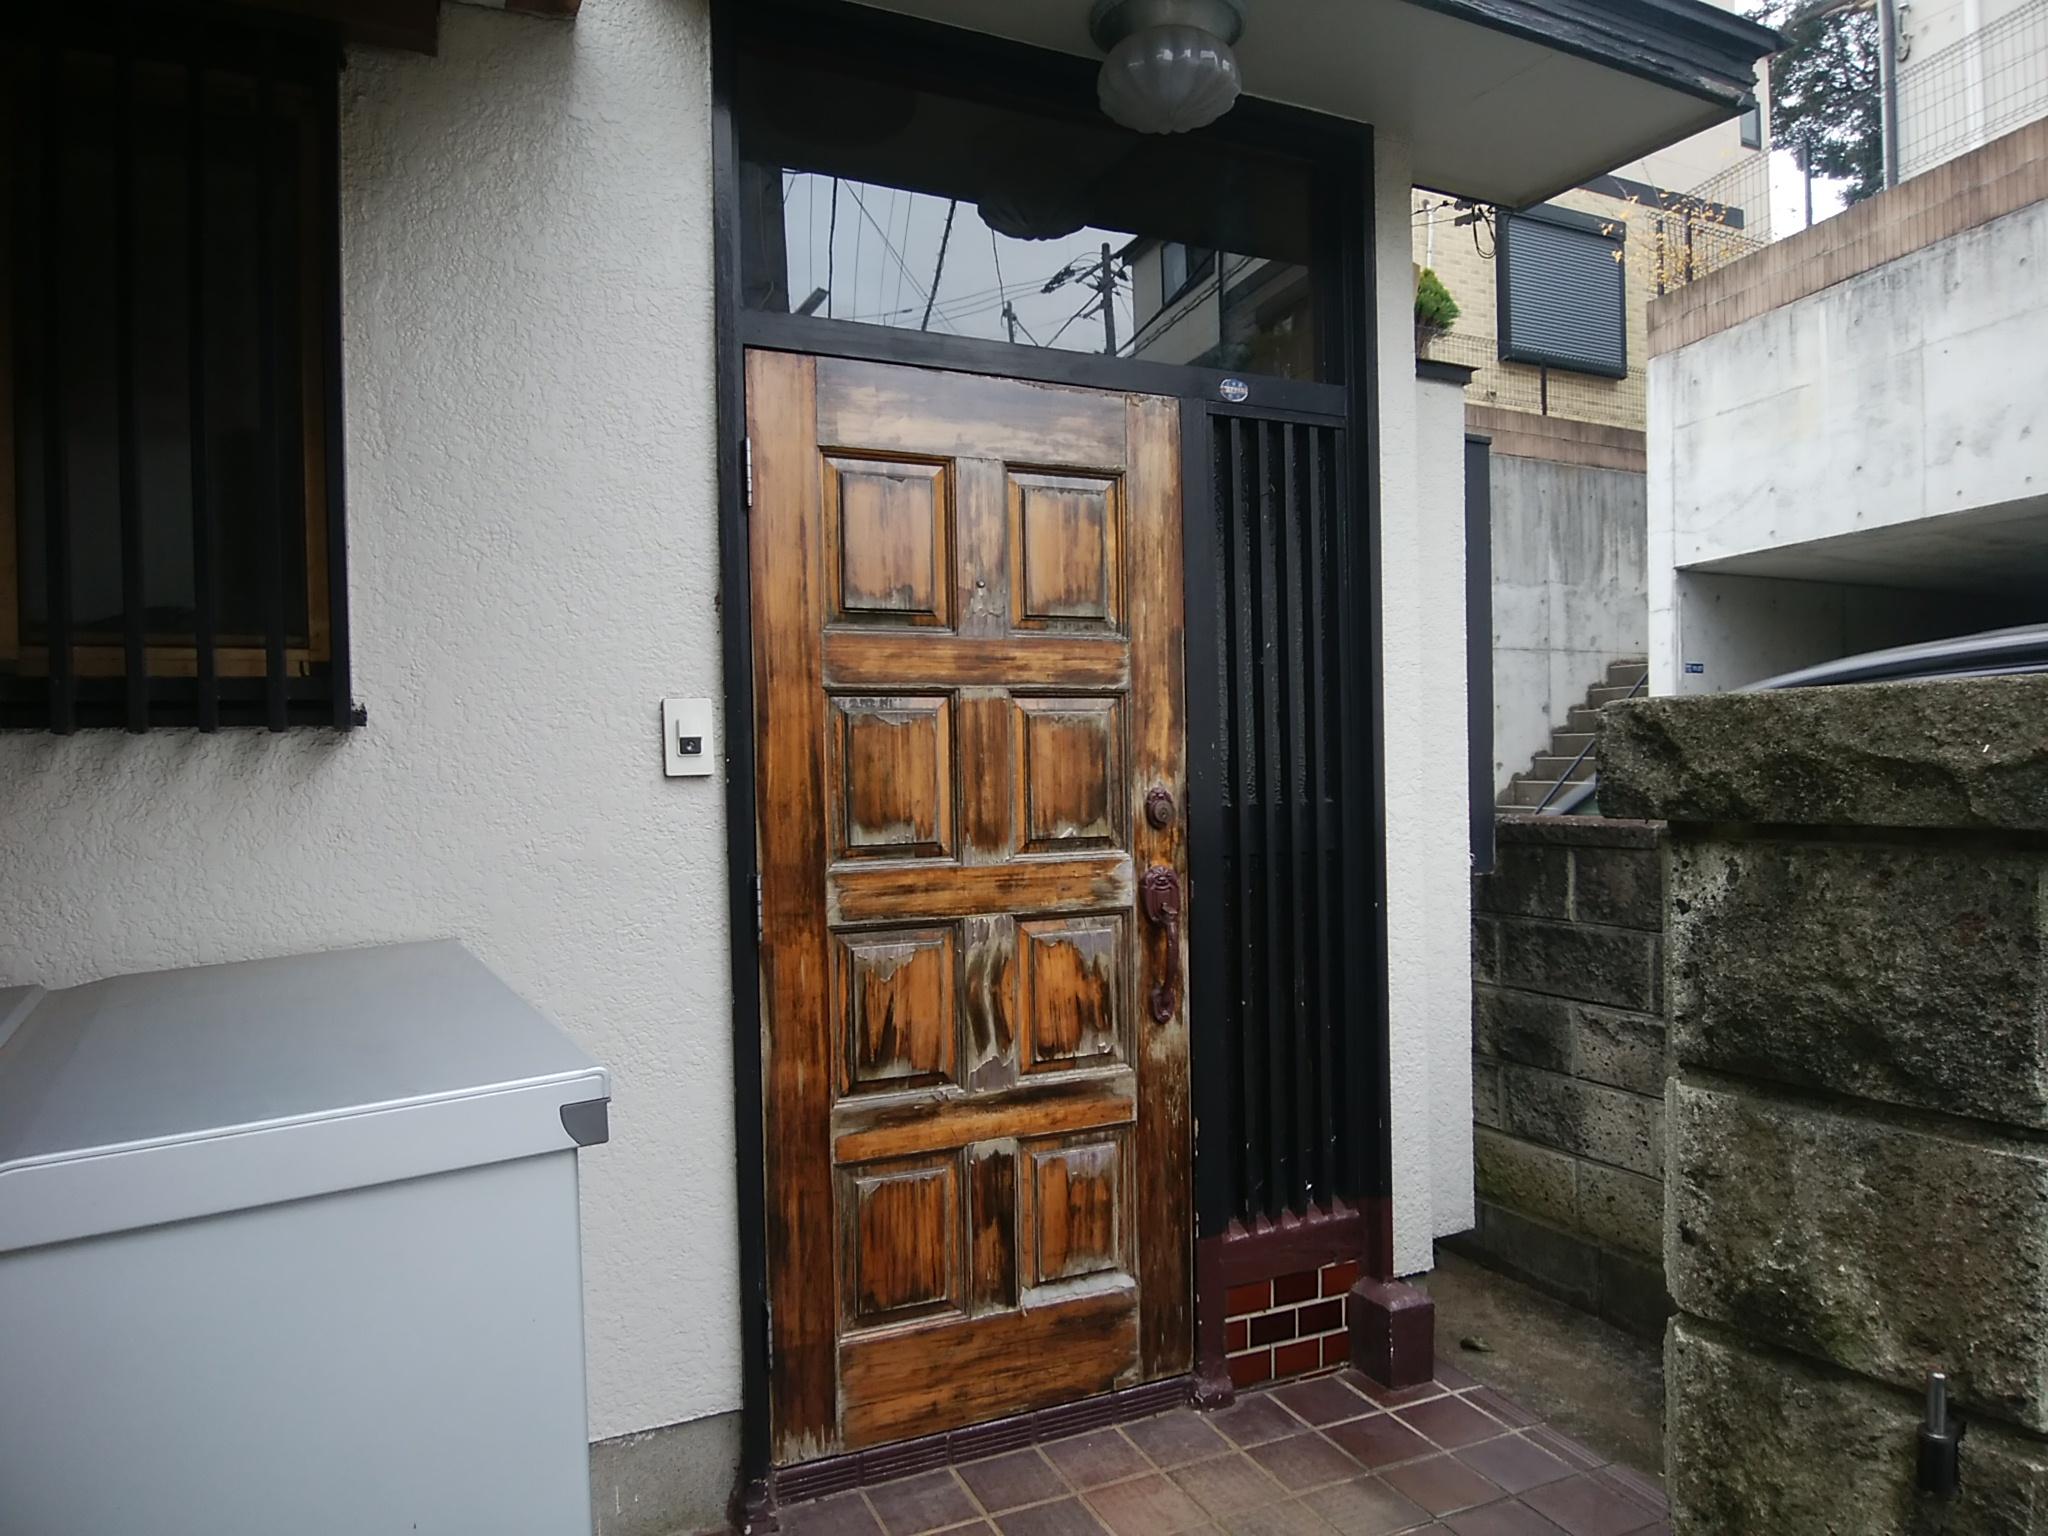 袖ガラスの下部にタイル壁がある玄関ドアのリフォーム【LIXILリシェントM83型】茨城県取手市の工事事例|玄関ドアのリフォームなら玄関ドアマイスターへお任せください